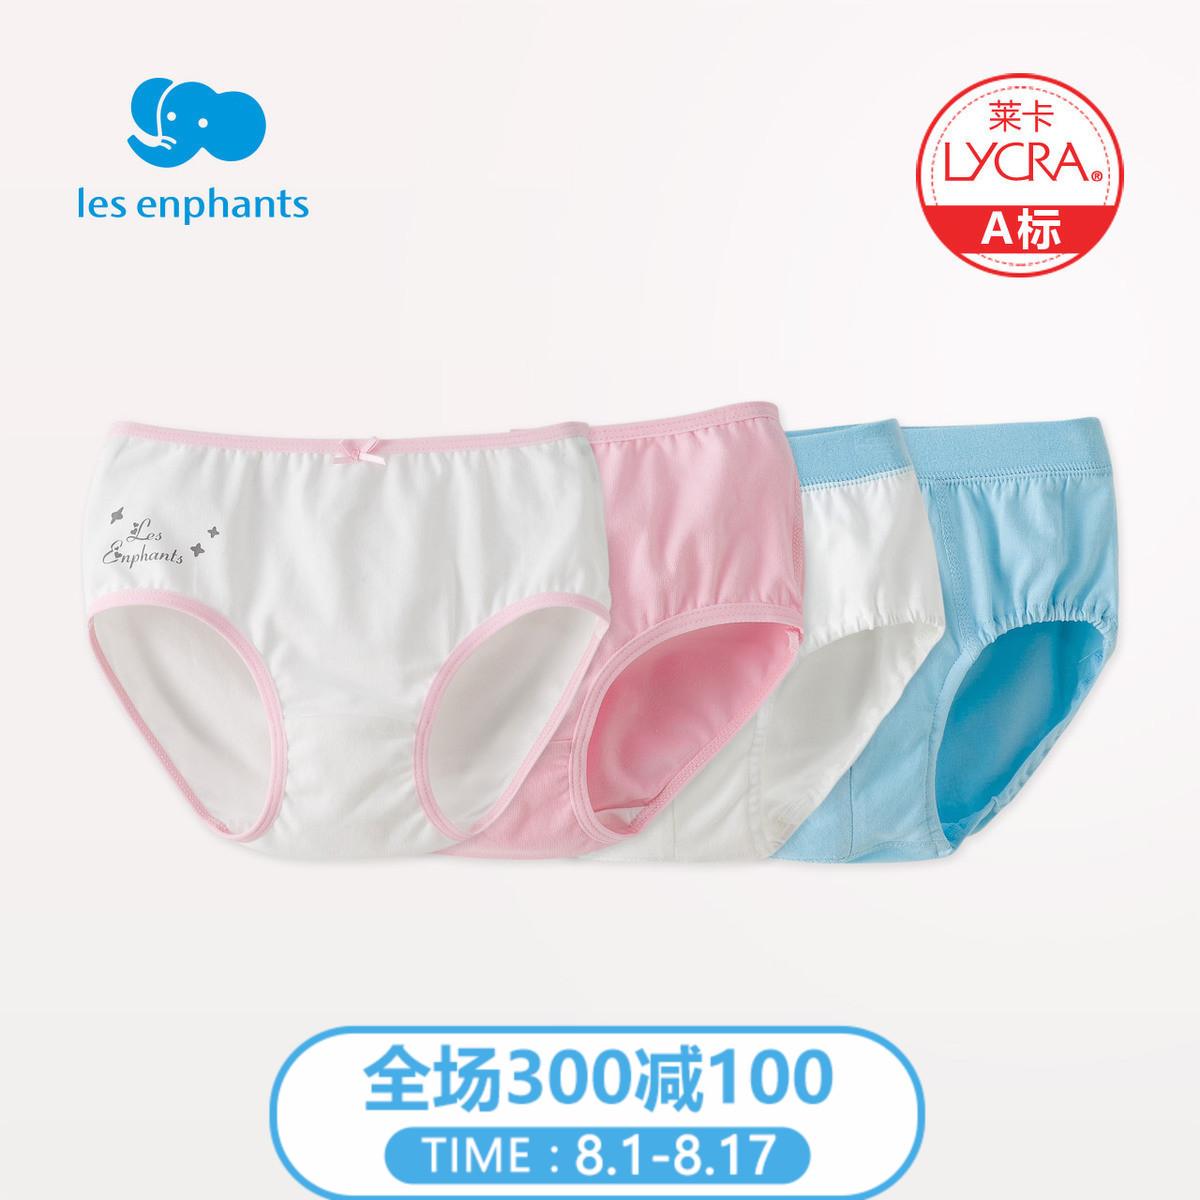 丽婴房婴幼儿配件 男女童莱卡三角裤2条装宝宝内裤 四季款